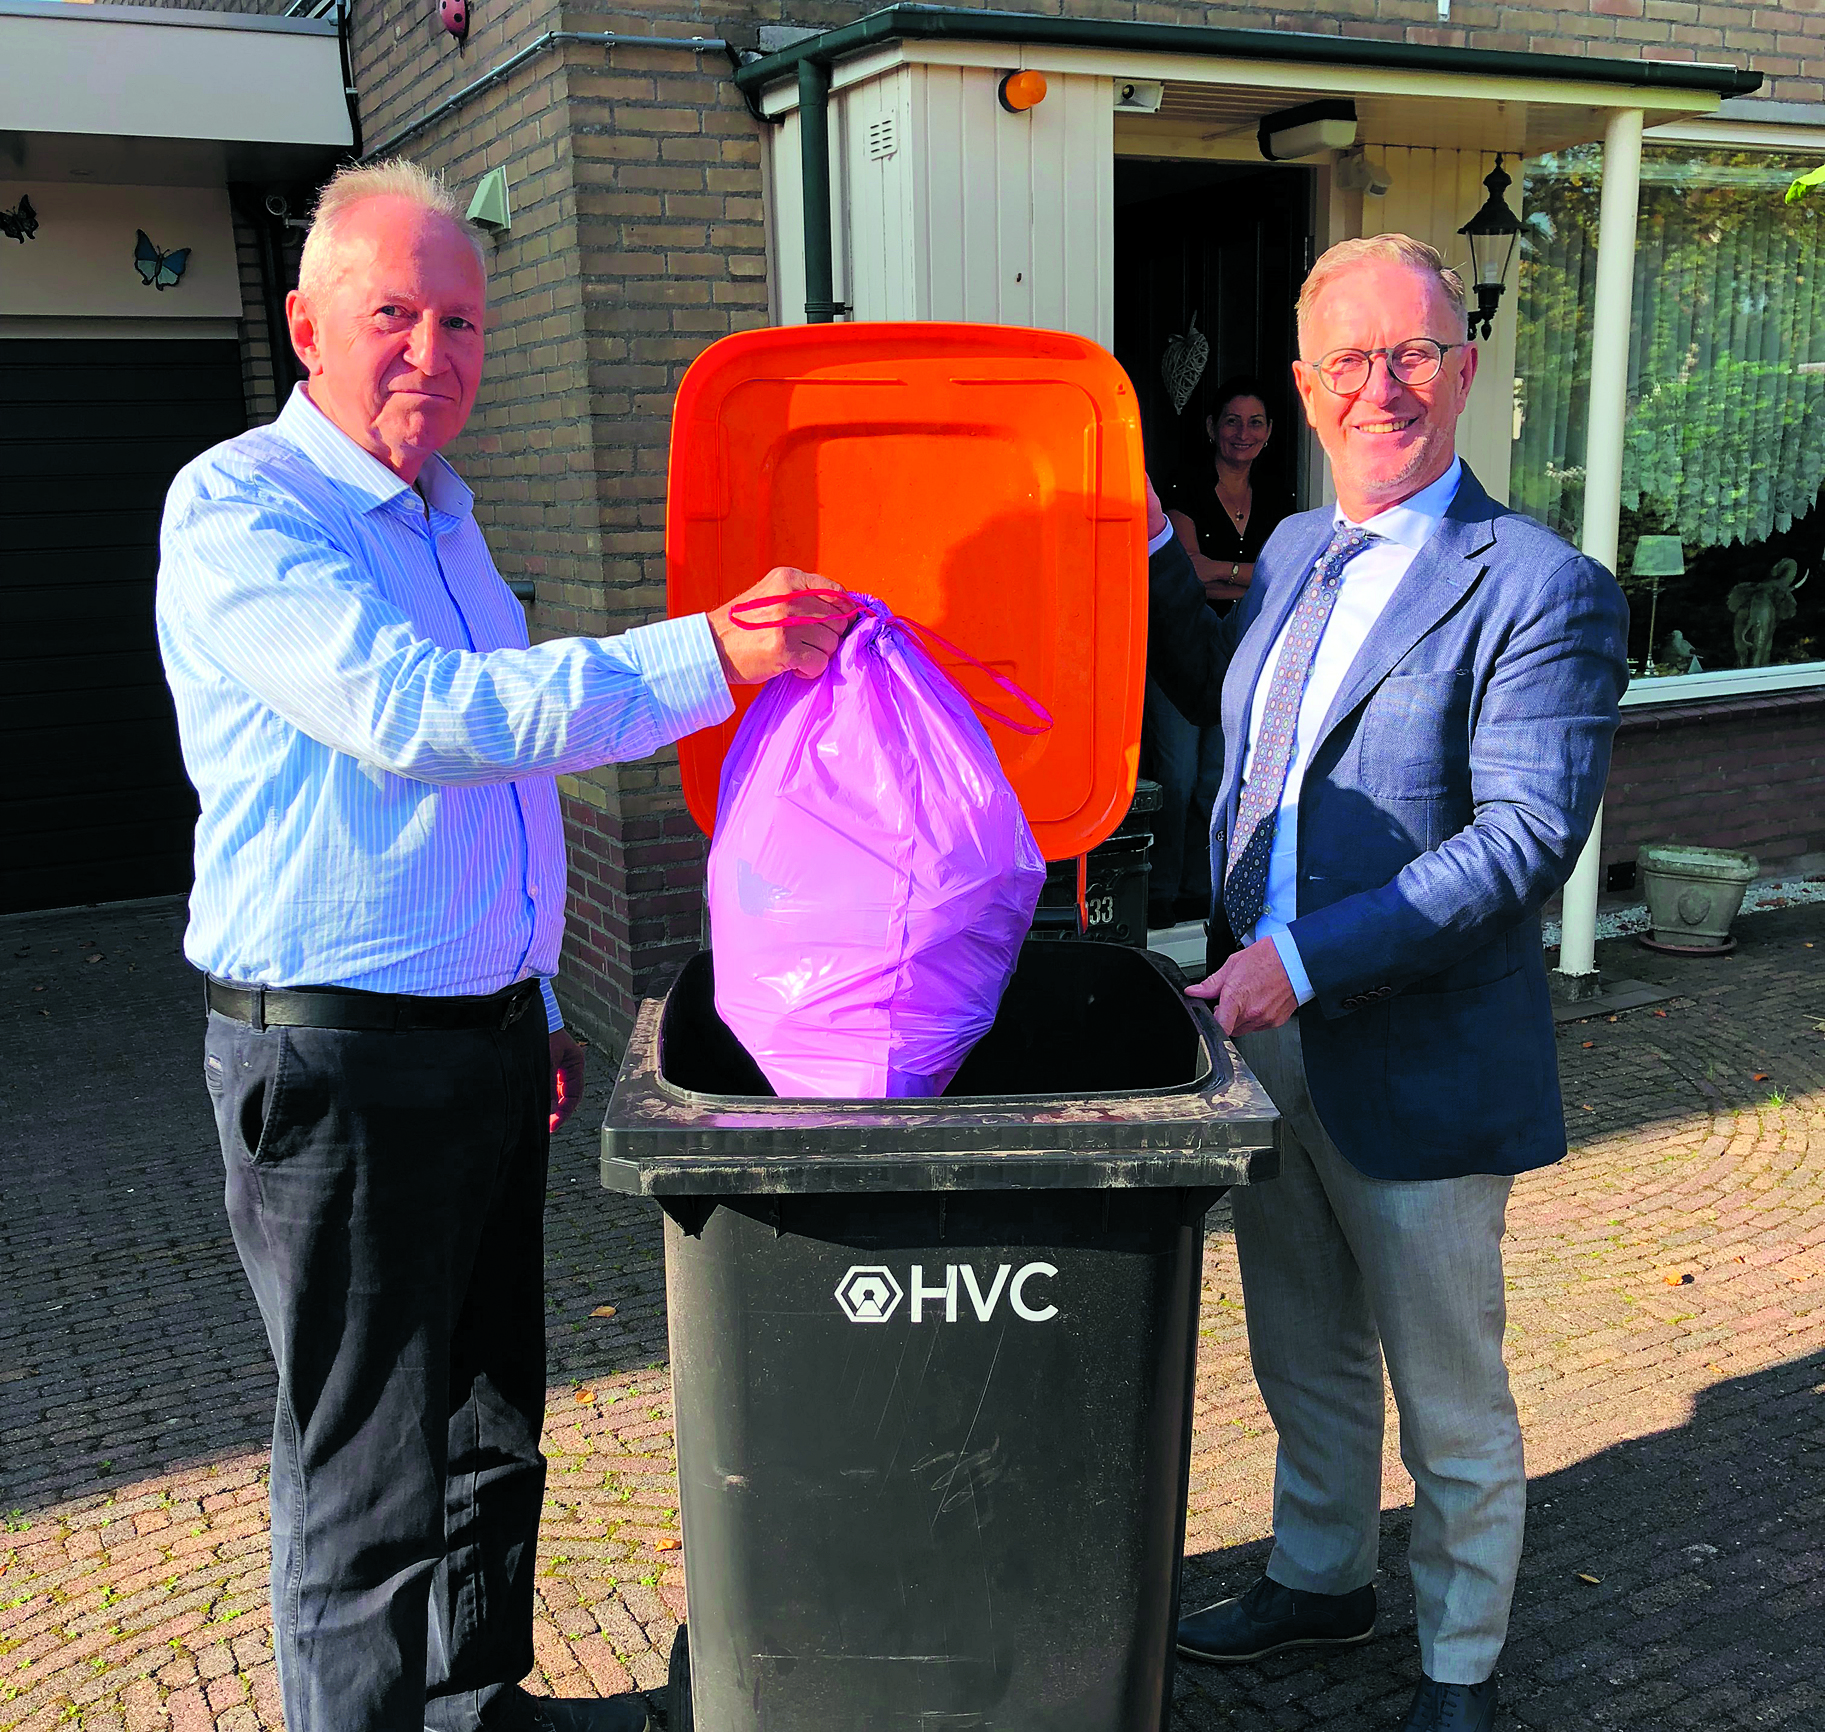 De inwoners van Zuidbroek Oosterwijk krijgen een bak voor plastic, blik en drinkpakken. (foto aangeleverd)